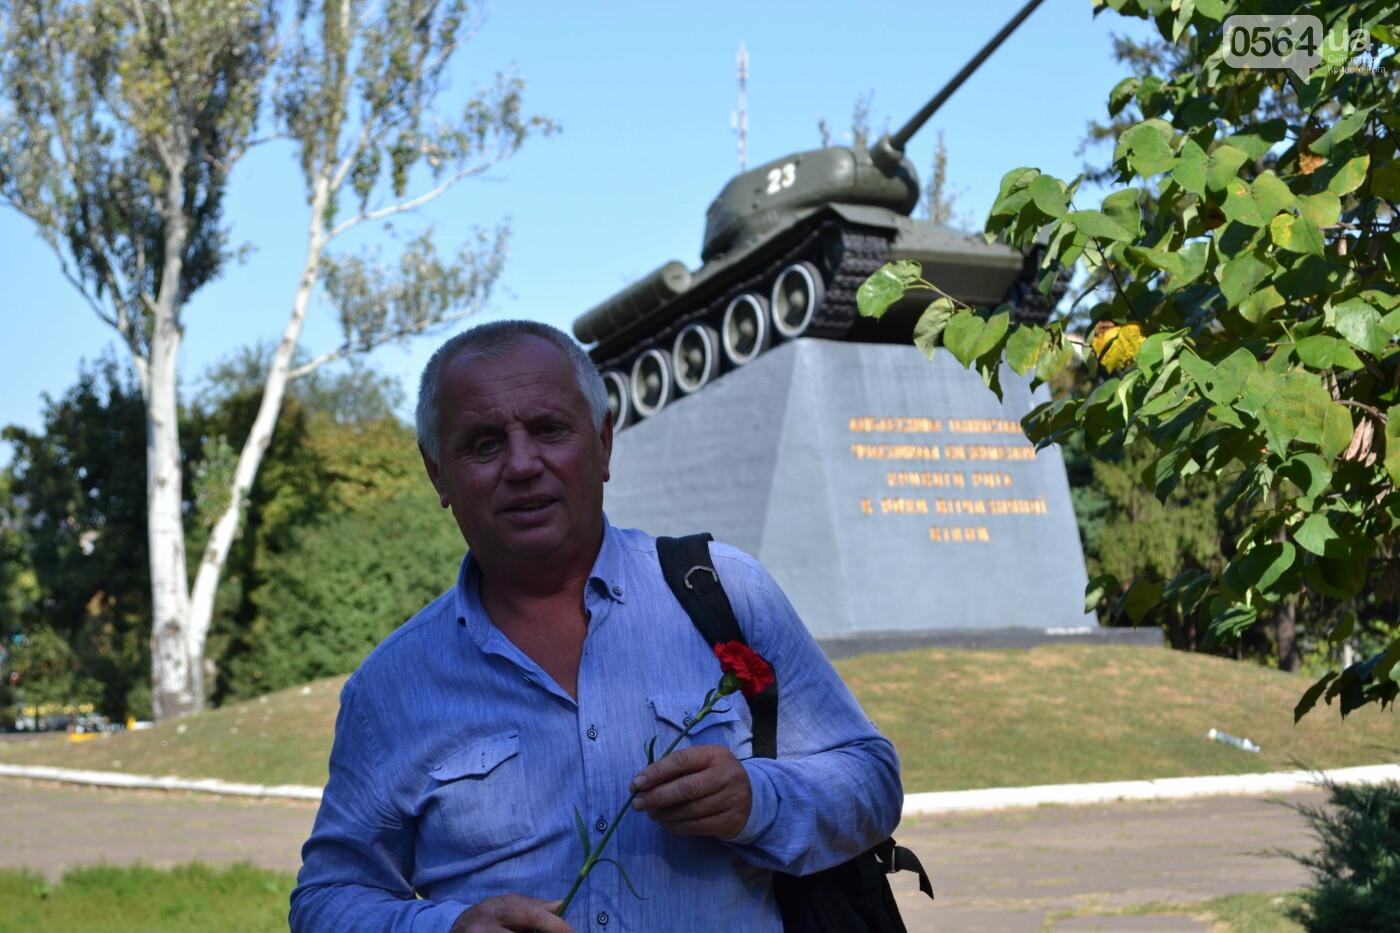 """""""Нам выпала честь защищать Родину"""", - криворожане отмечают День танкиста, - ФОТО, ВИДЕО, фото-5"""